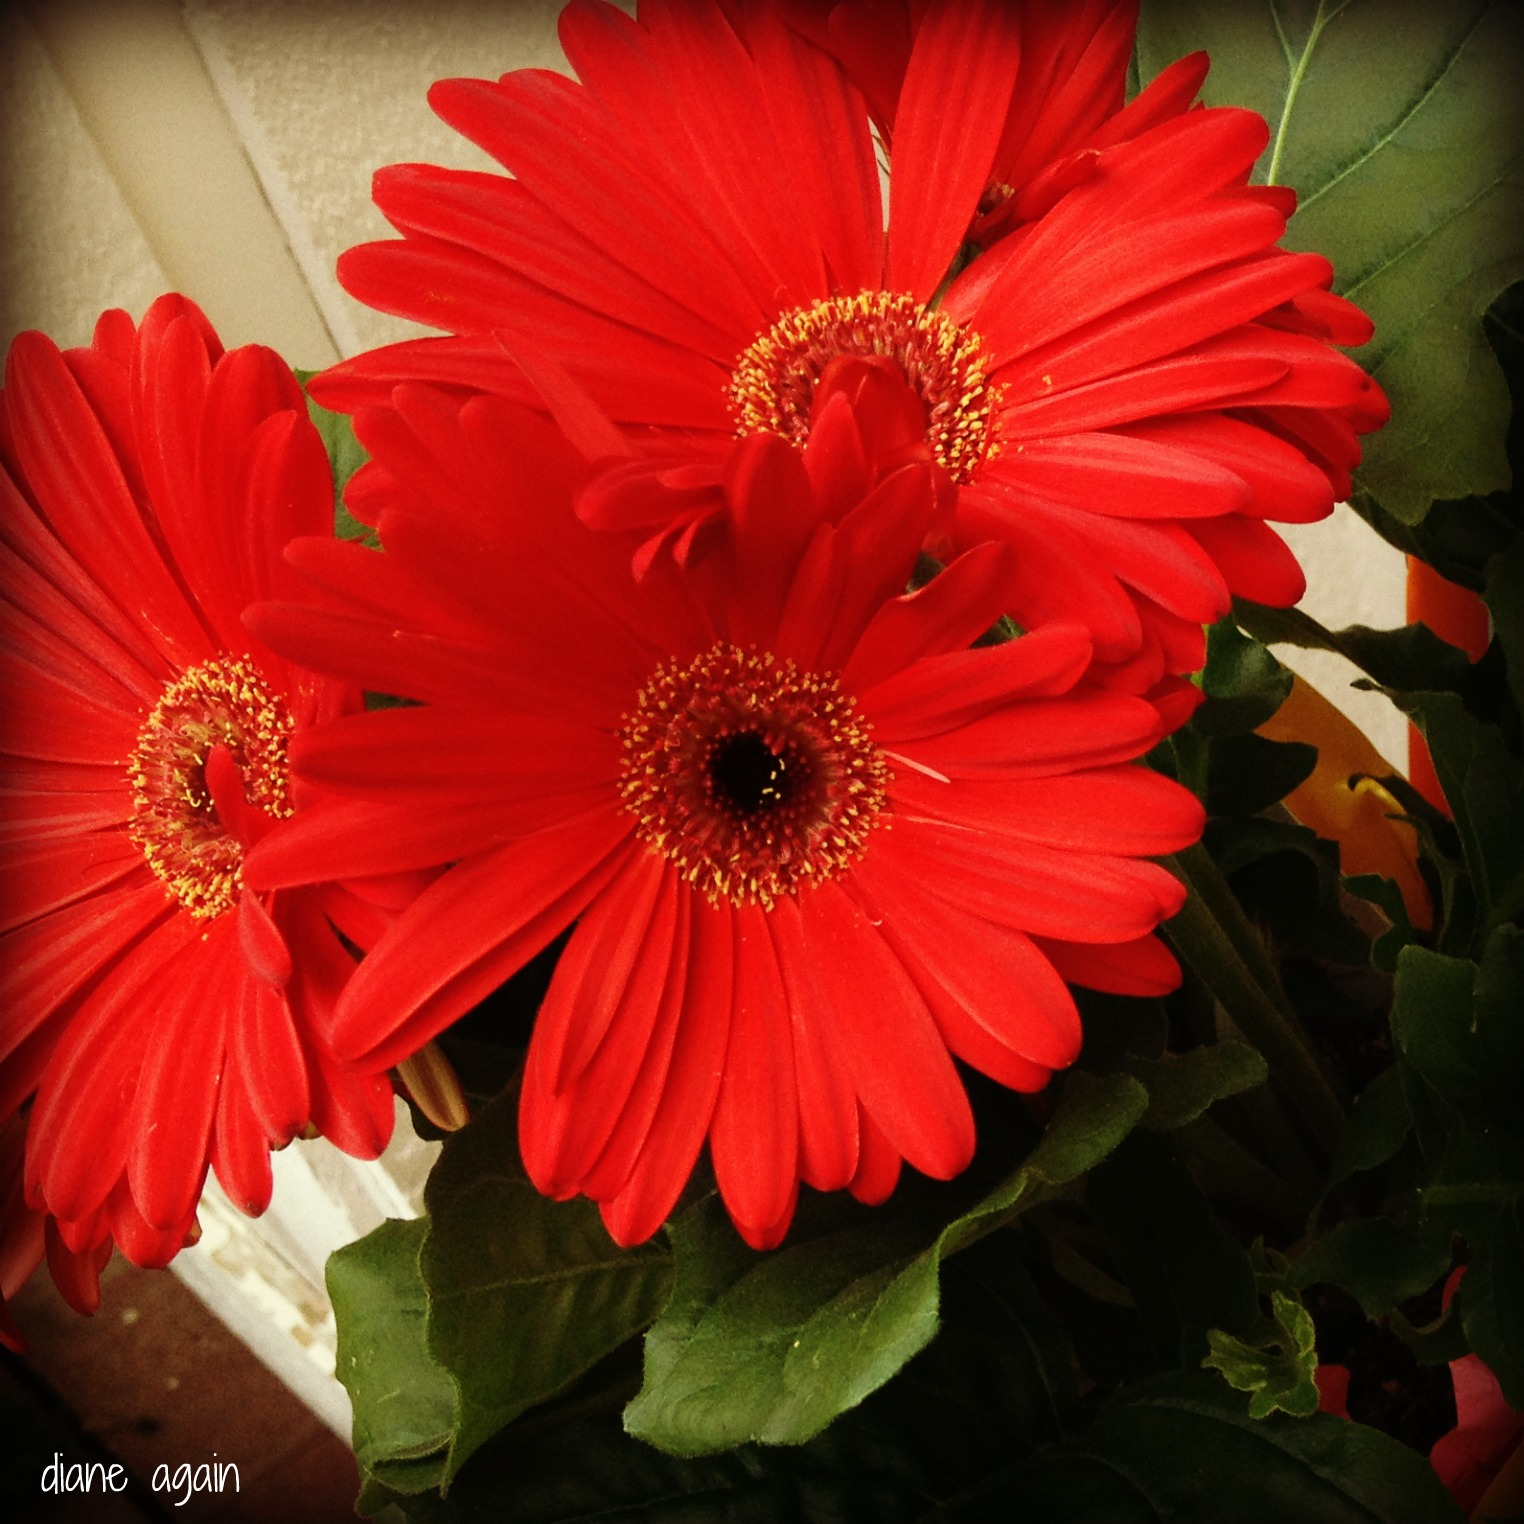 http://1.bp.blogspot.com/-7q73b21owrU/T87JBr4lm-I/AAAAAAAAFAo/4VcxUgSc62A/s1600/red+gerbera+daisy.jpg